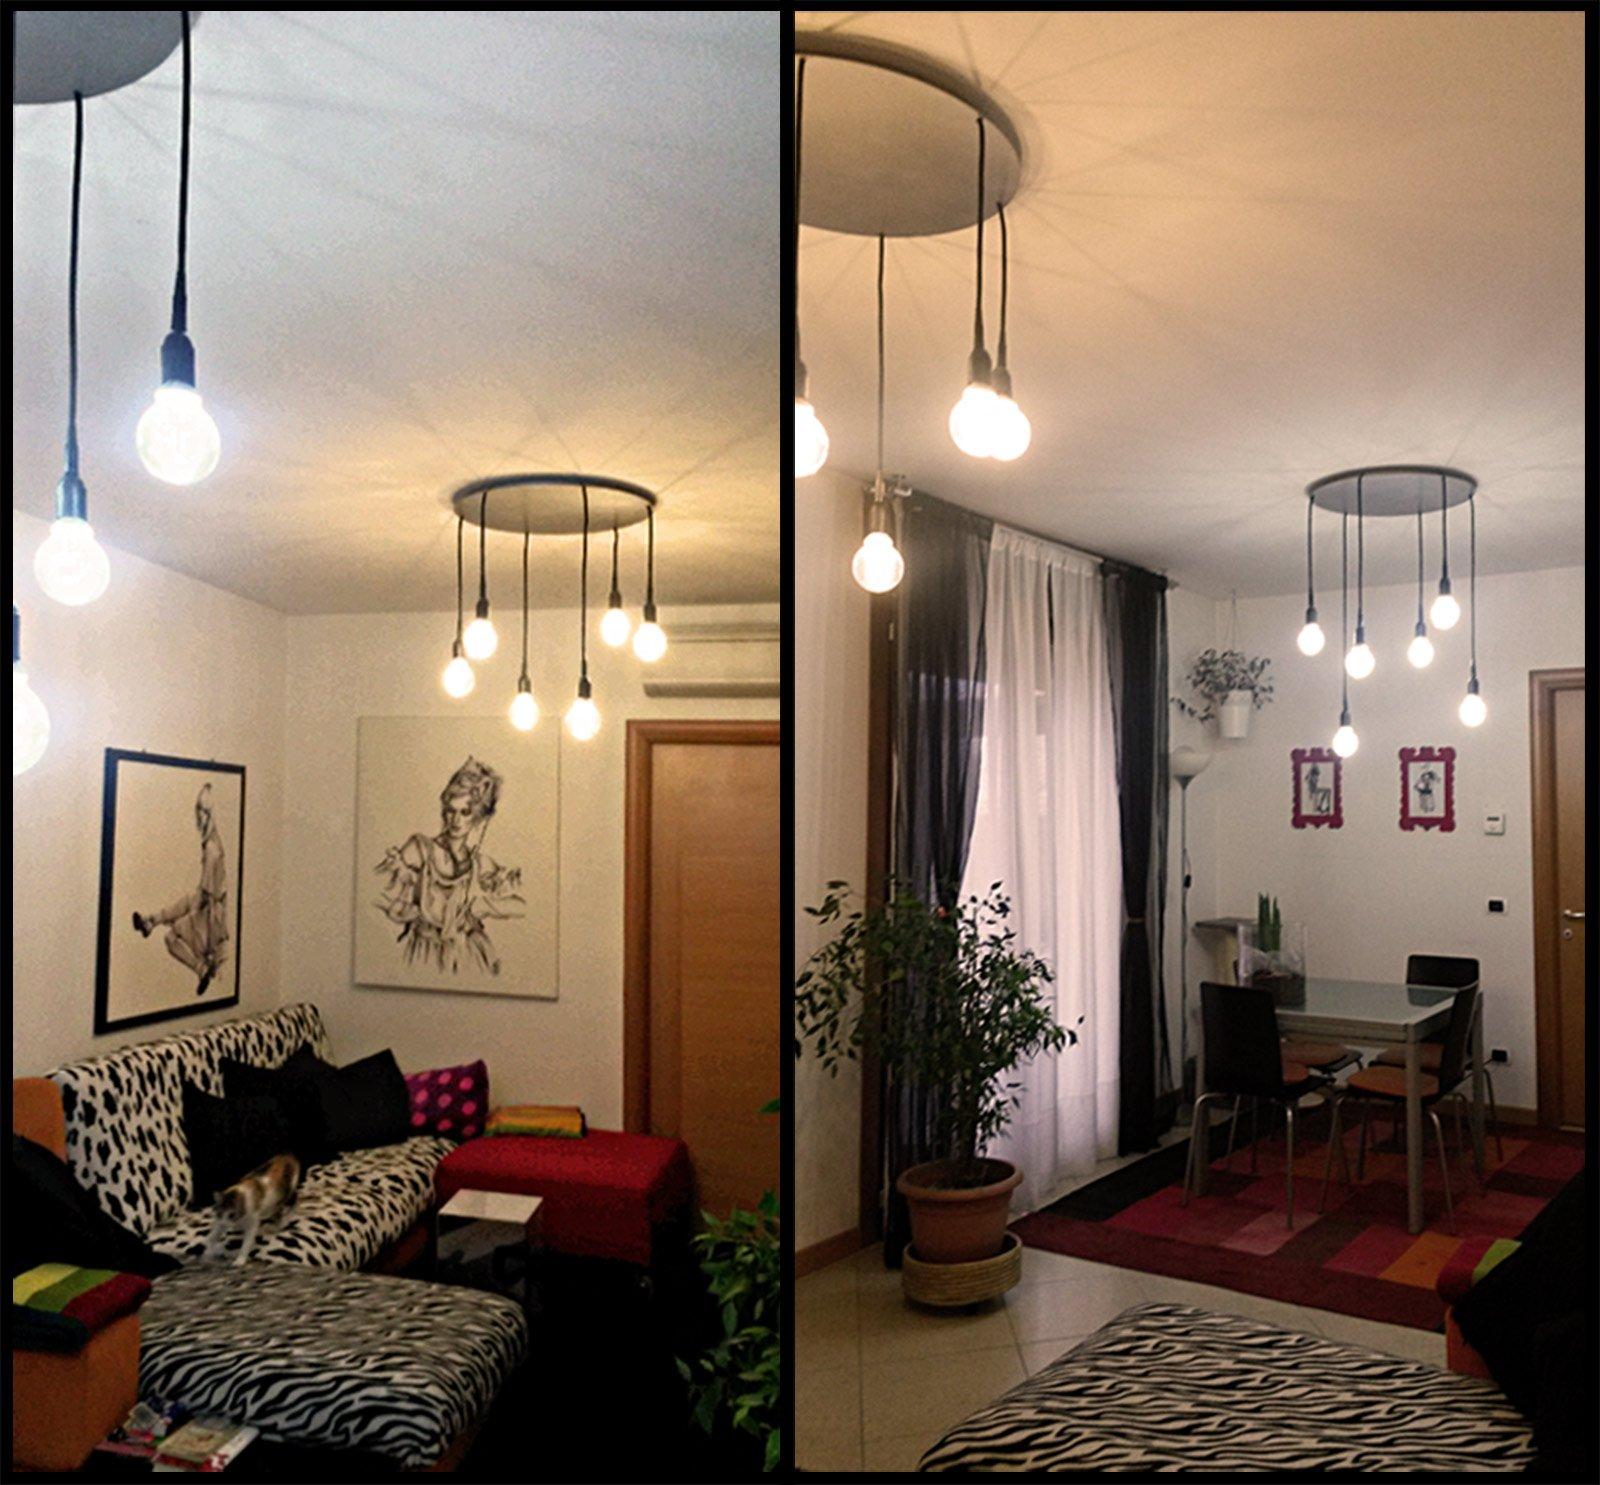 Lampadari di design low cost la collezione for Accessori casa design low cost